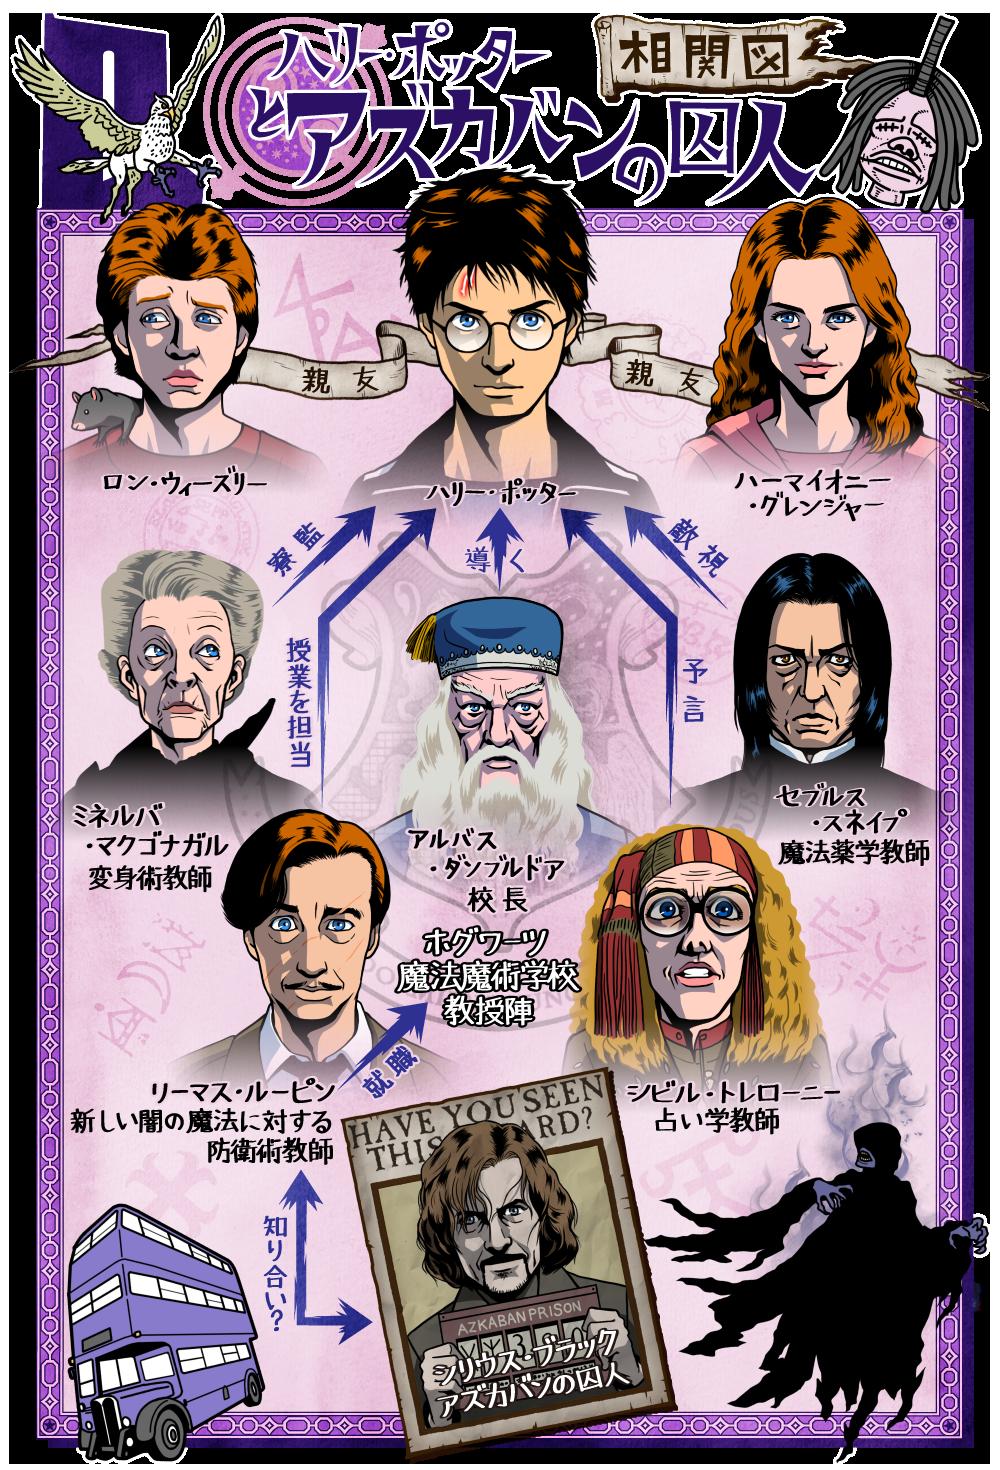 ハリー・ポッターとアズカバンの囚人の人物相関図